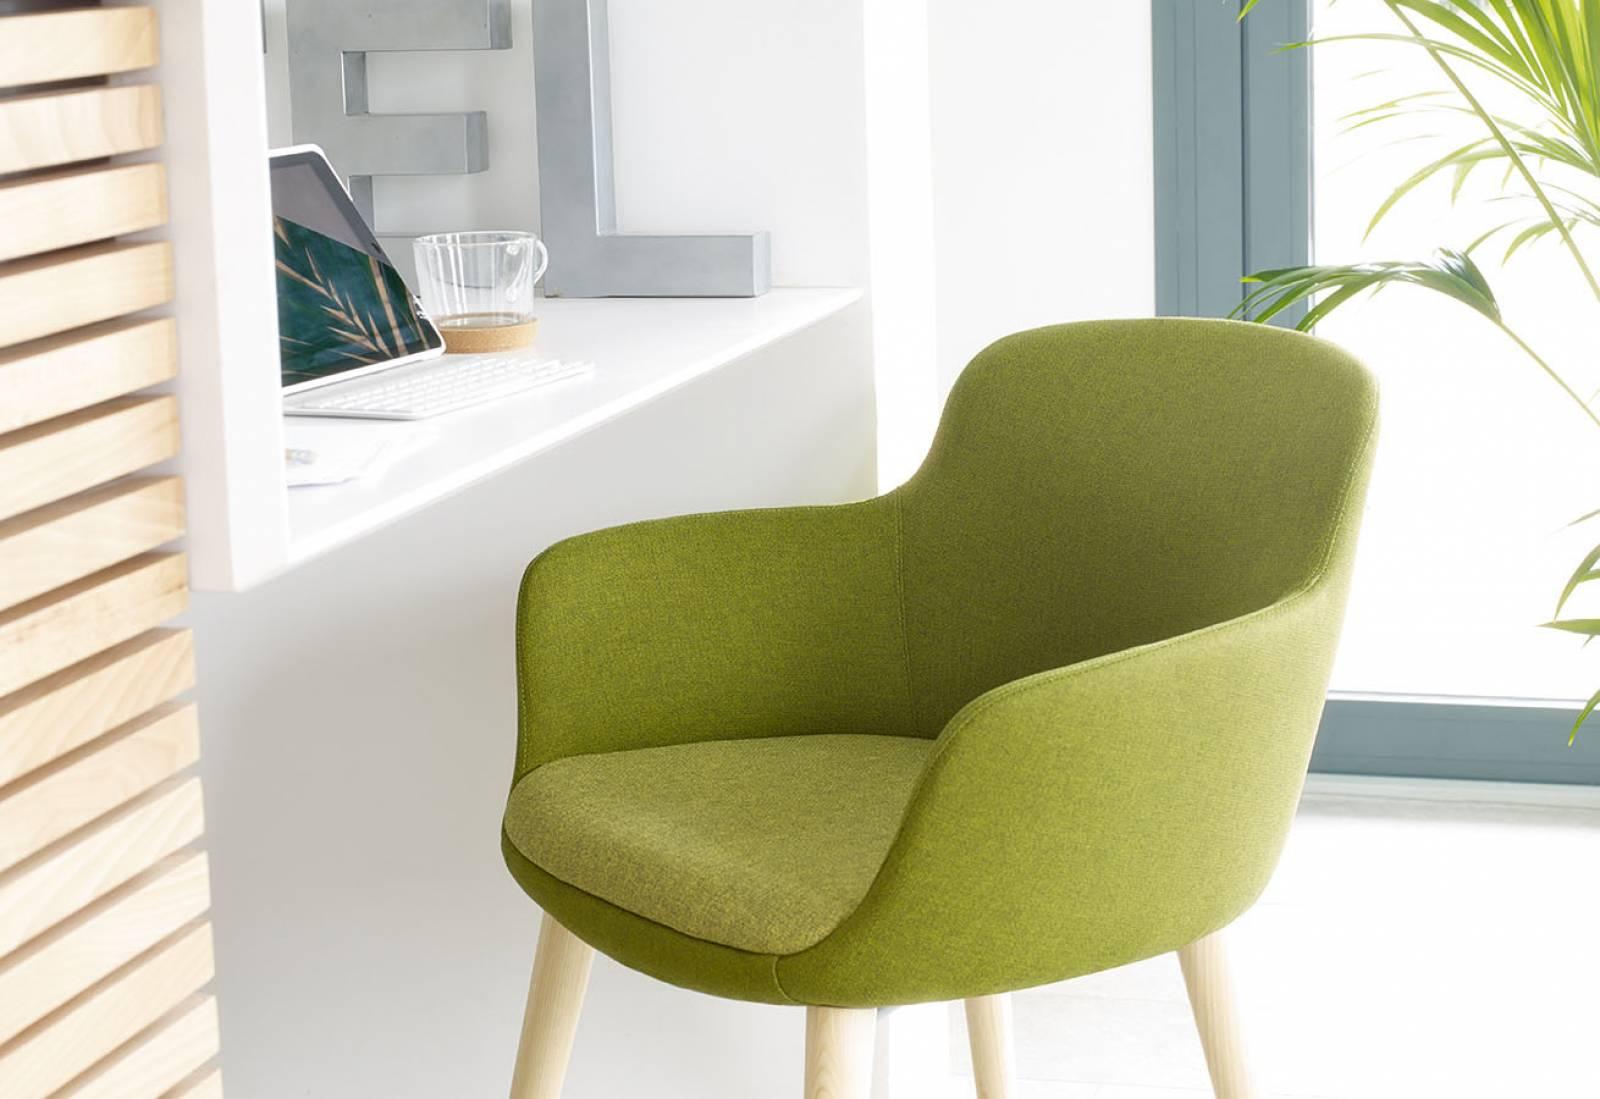 Camaieu de vert pour le fauteuil ENEKA sur AUbagne